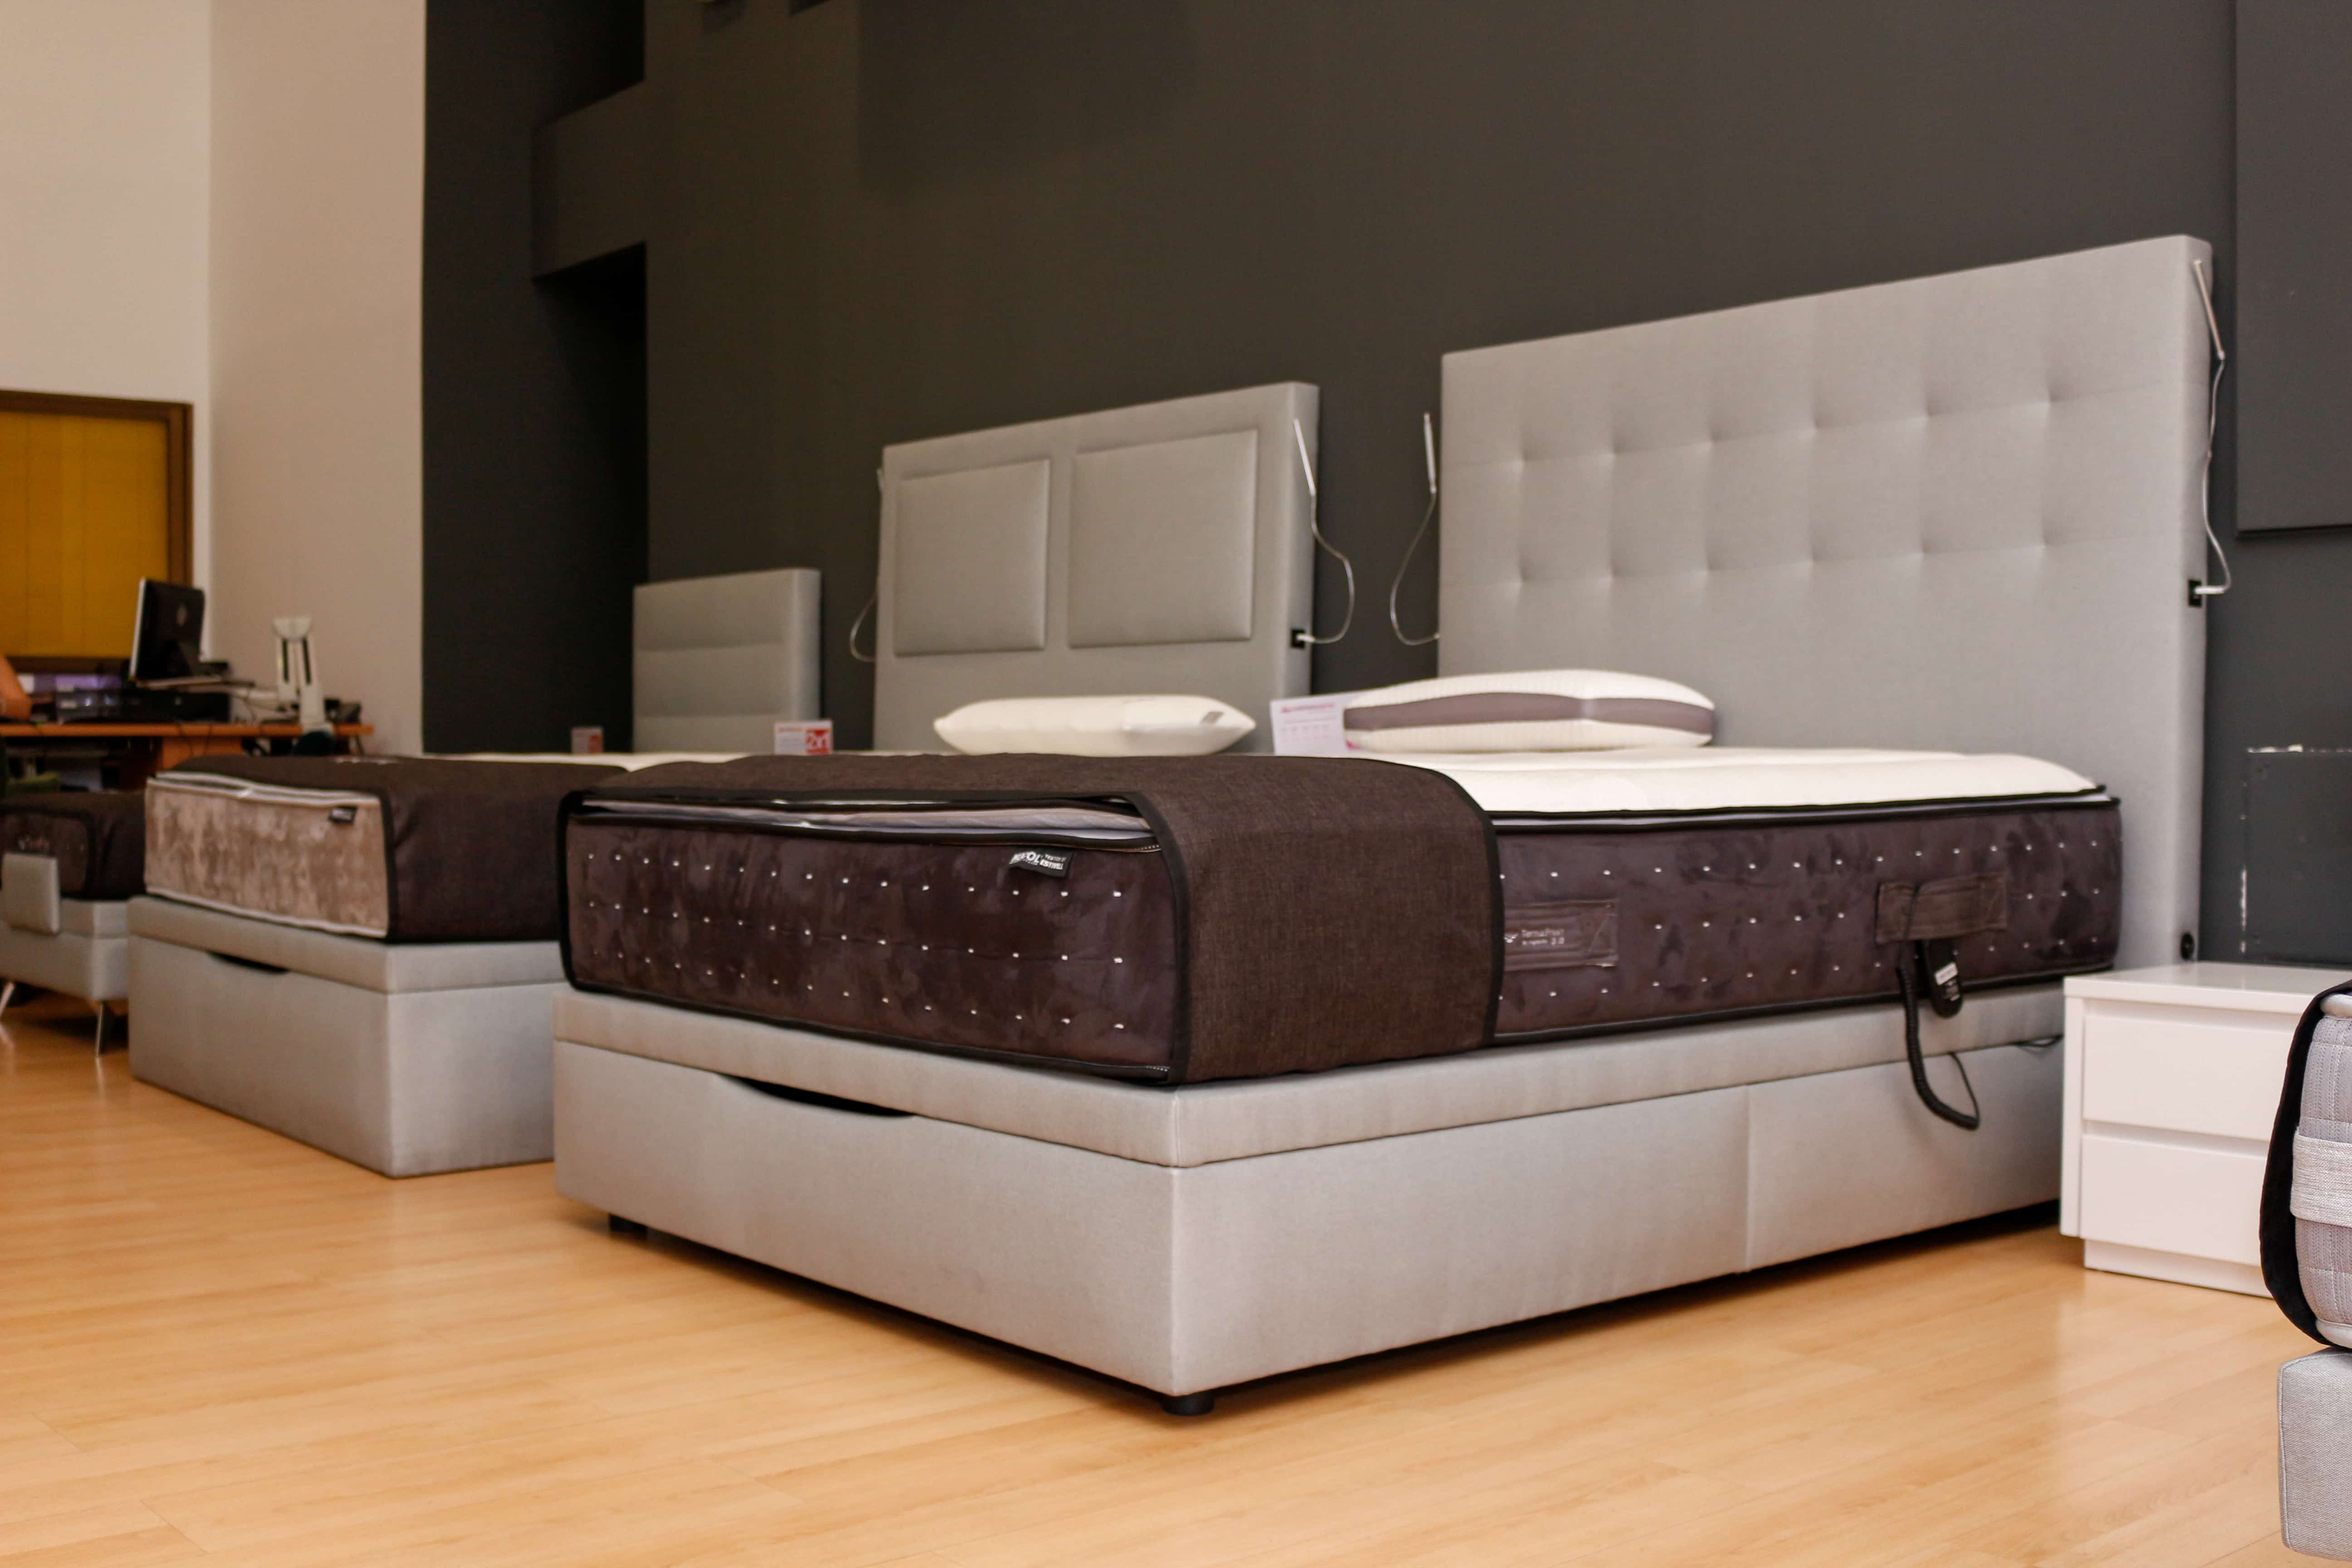 Dormitorios modernos baratos y bonitos colch n expr s for Dormitorios ninos baratos